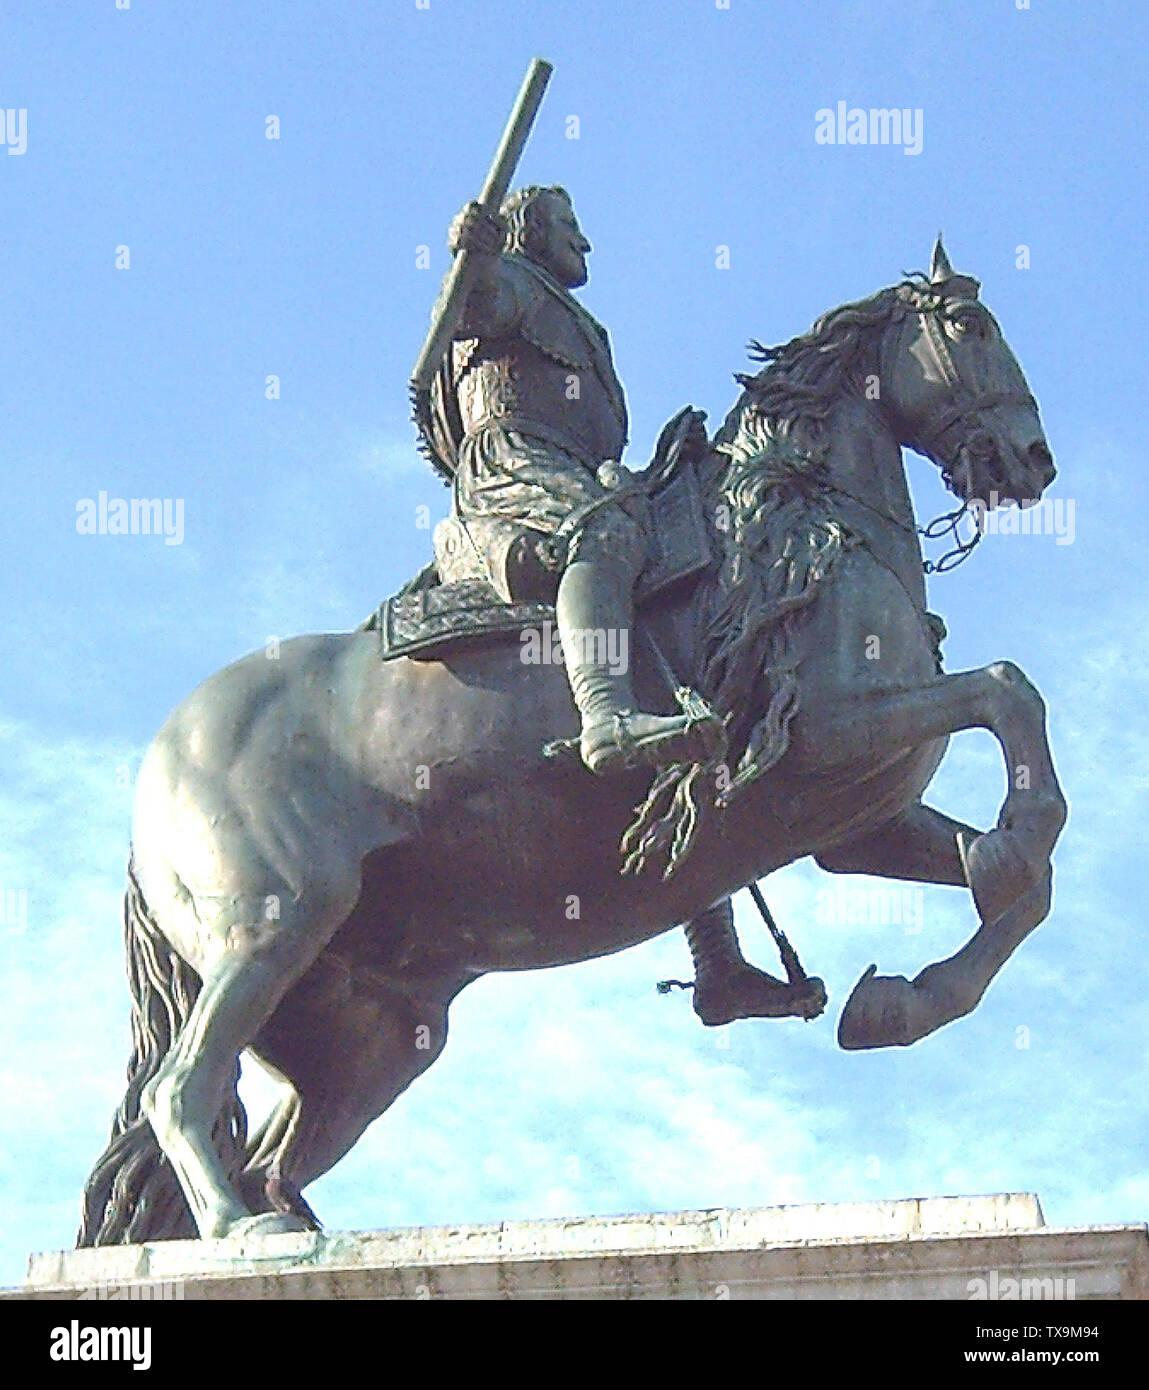 """""""Inglés: estatua ecuestre de Felipe IV de España (1605-1665). Realizado por Pietro Tacca (1577-1640) entre 1634 y 1640. Es parte del monumento en la Plaza de Oriente (cuadrado) en Madrid (España), inaugurado en 1843. Español: Estatua ecuestre de bronce de Felipe IV de España (1605-1665). Realizada por Pietro Tacca (1577-1640) entre 1634 y 1640. Es parte del monumento situado en la Plaza de Oriente de Madrid (España) e inaugurado en 1843.; 9 de abril de 2006; el propio trabajo; Luis García (Zaqarbal); ' Imagen De Stock"""